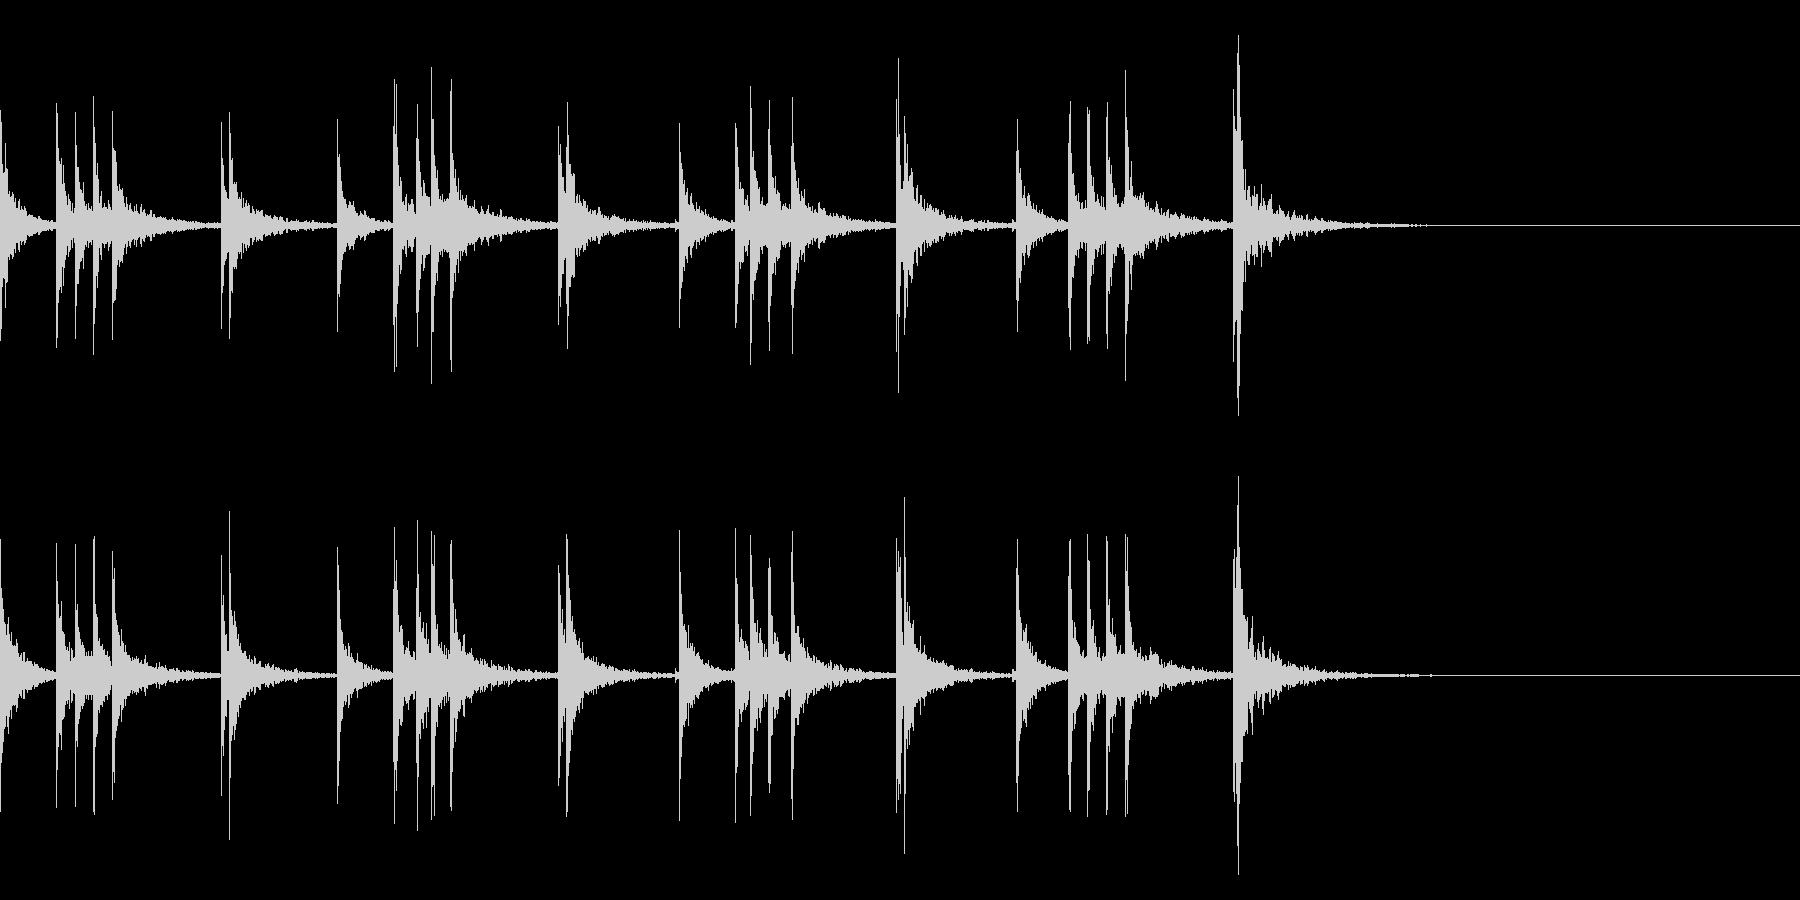 カスタネット!フレーズ1 エフェクト有の未再生の波形